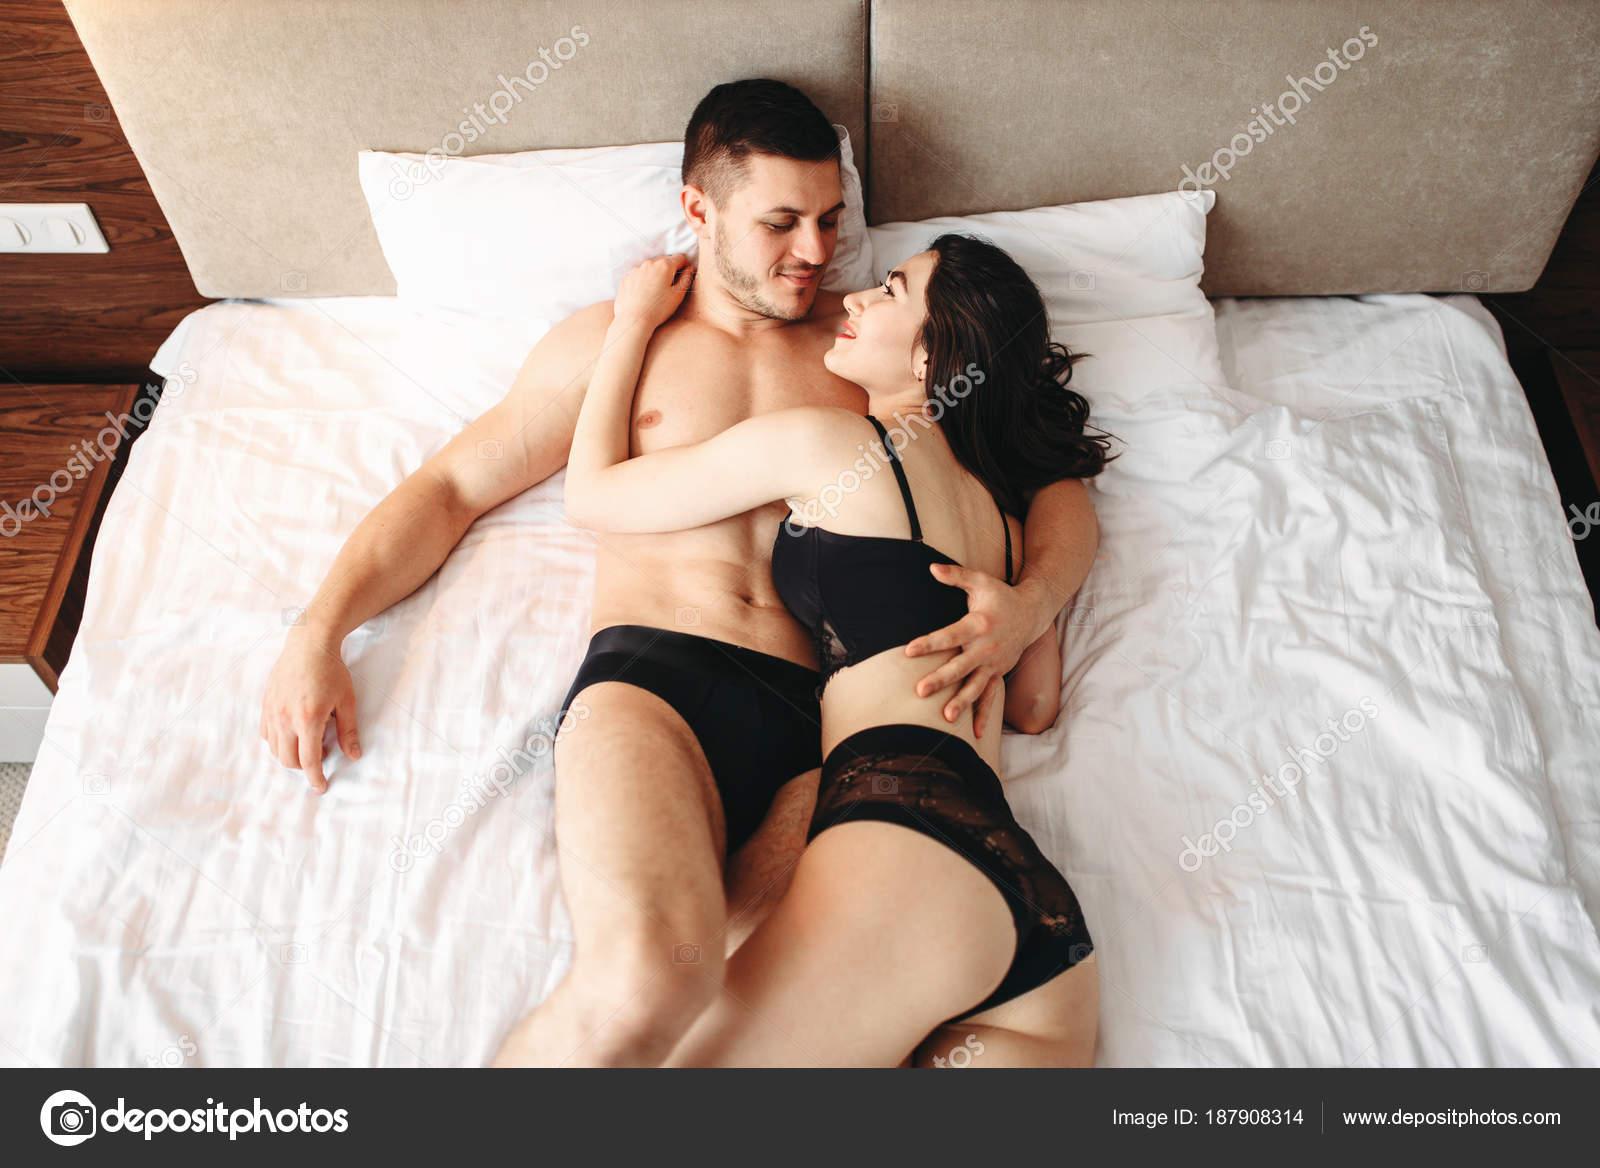 подумал удалил эту мастурбация мужчин в пожилом возрасте вред или нет именно вы